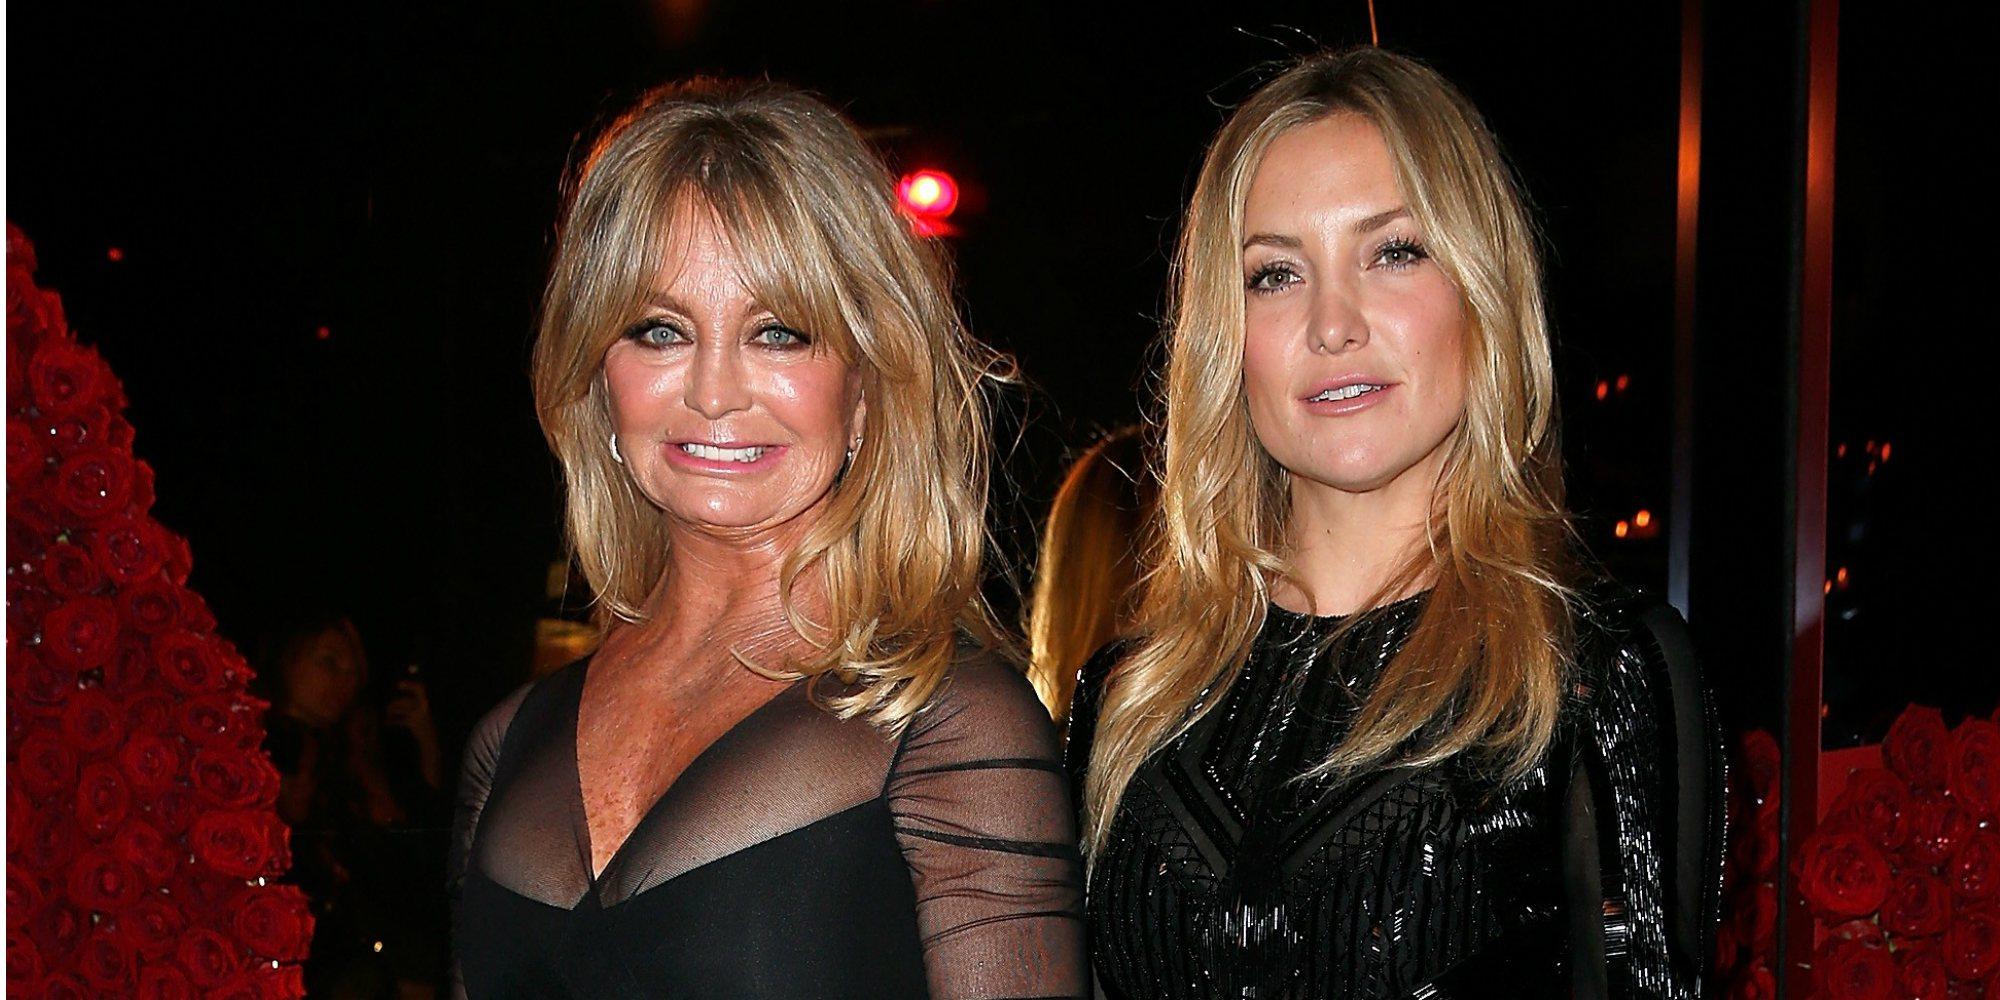 De tal palo, tal astilla: Goldie Hawn y Kate Hudson, más que una relación entre madre e hija